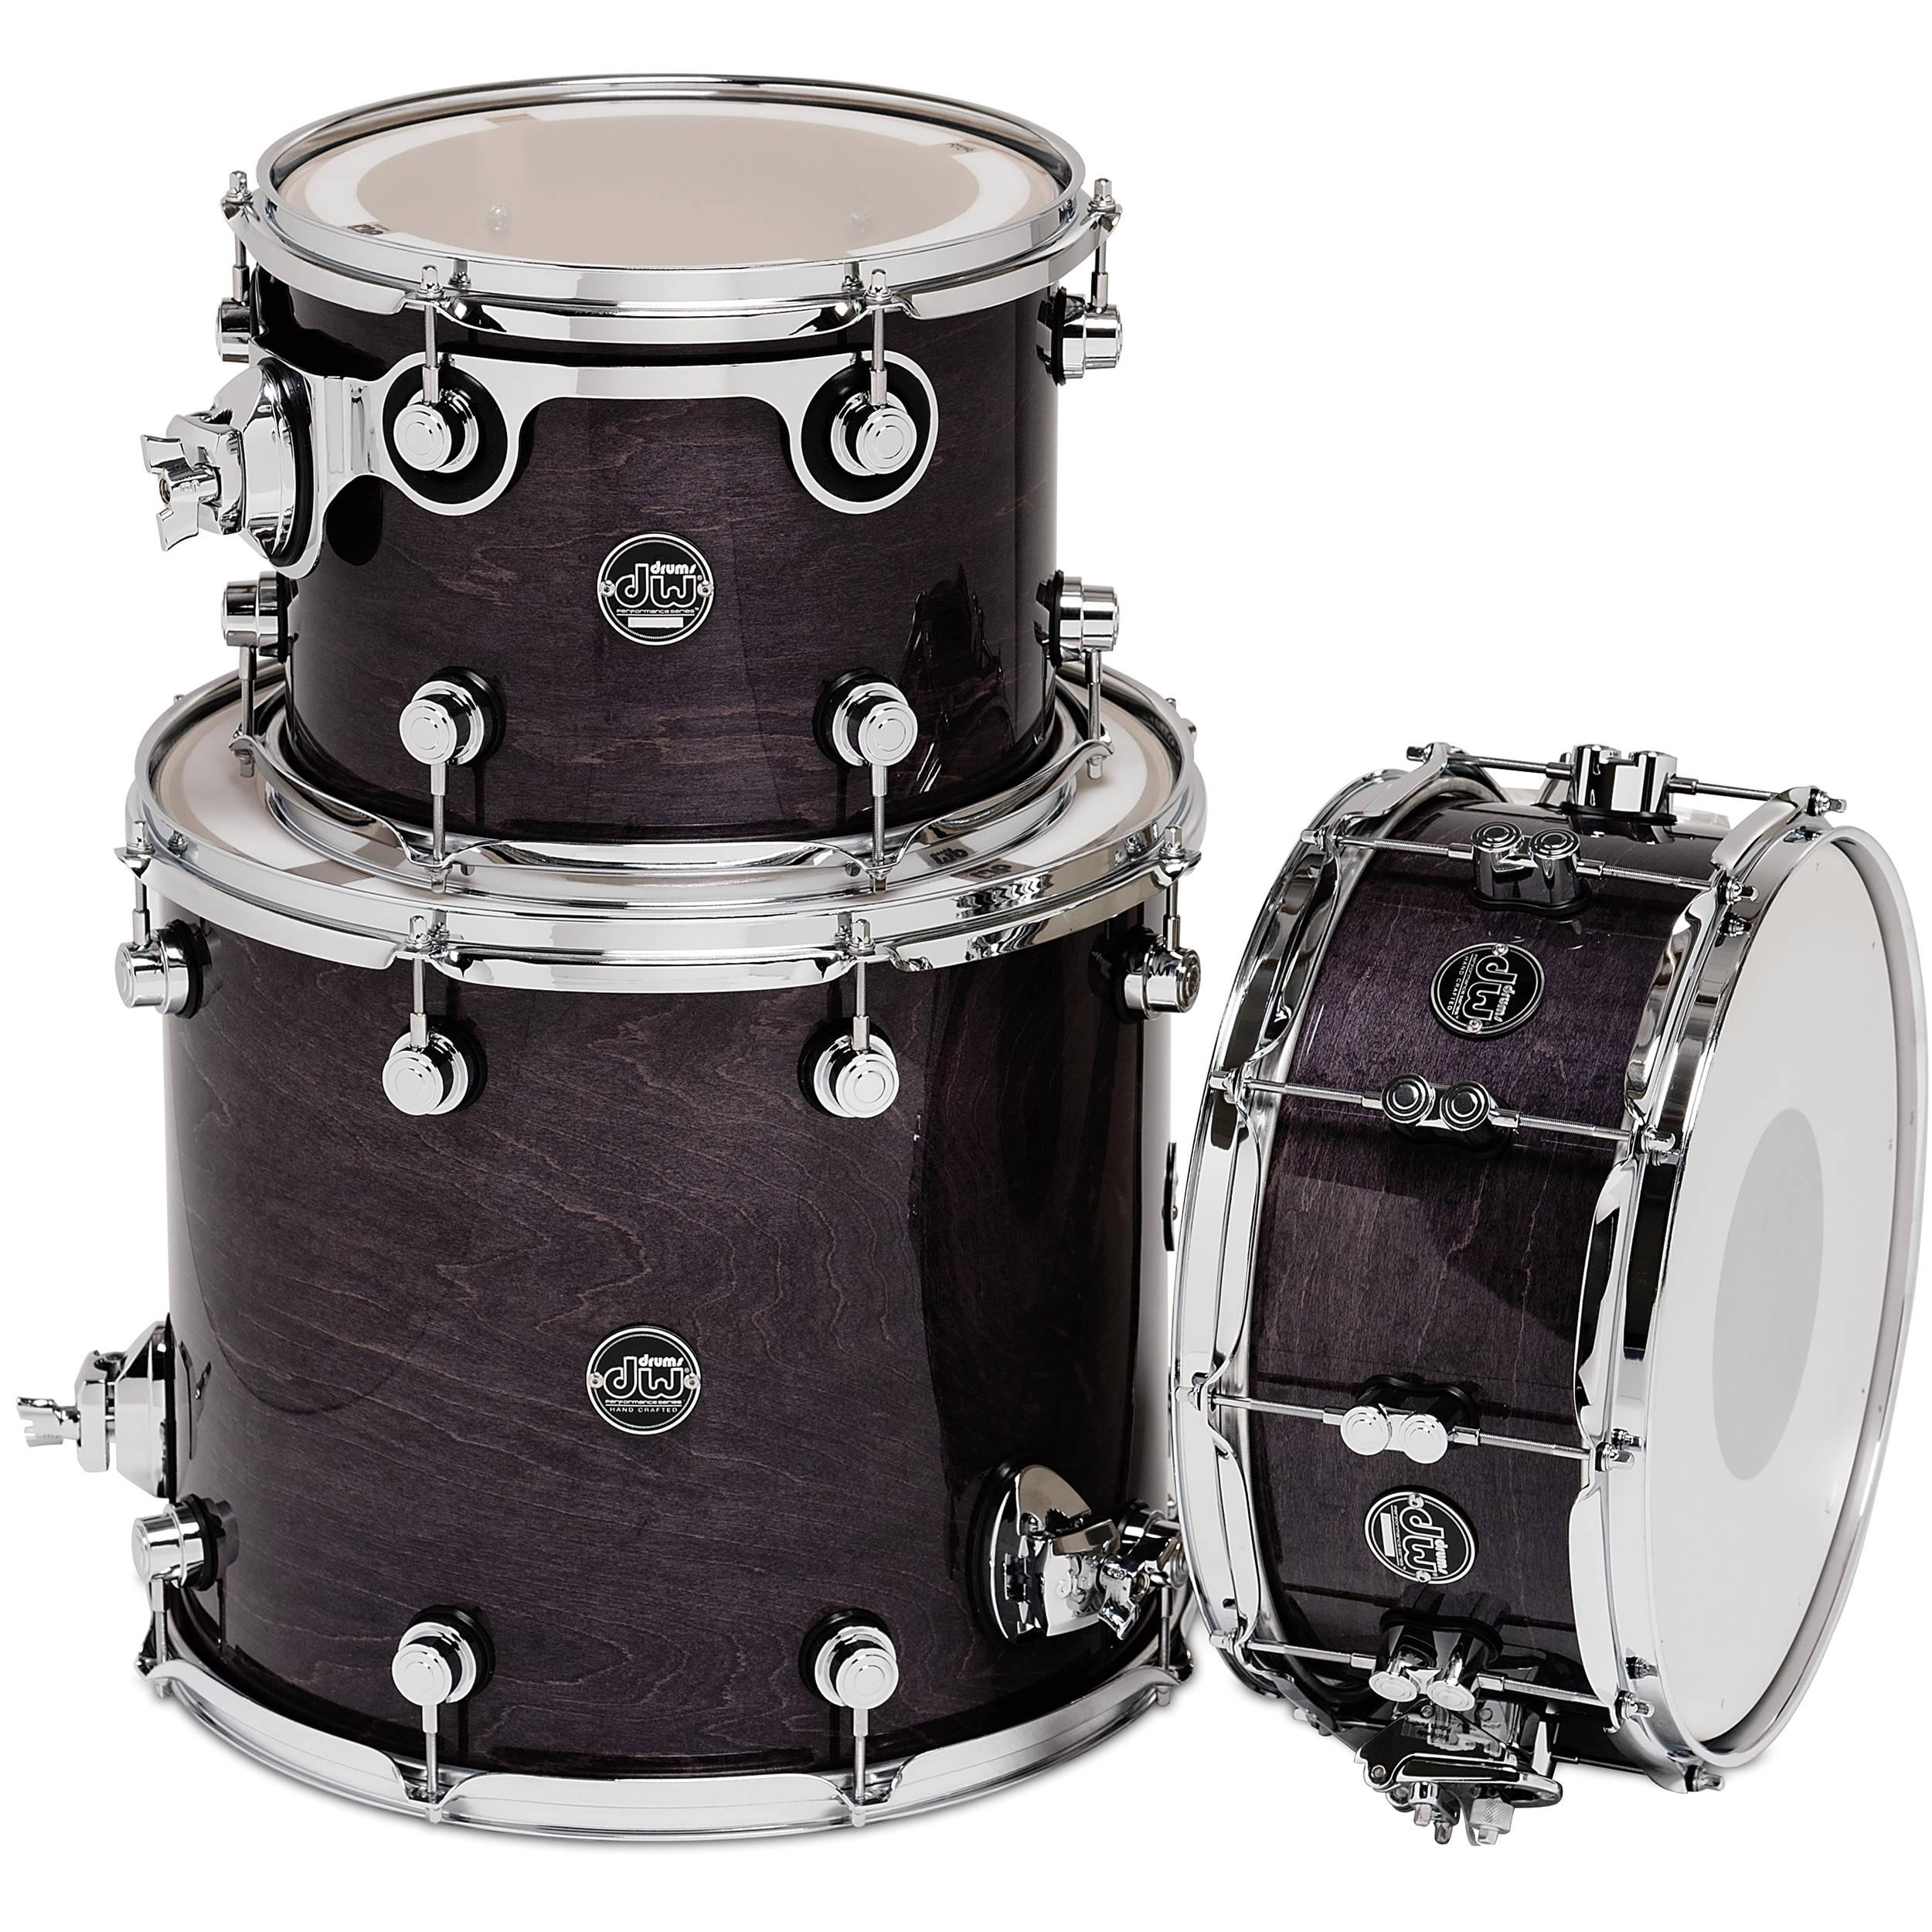 dw drums performance series 3 piece tom snare drum drpltmpk03es. Black Bedroom Furniture Sets. Home Design Ideas